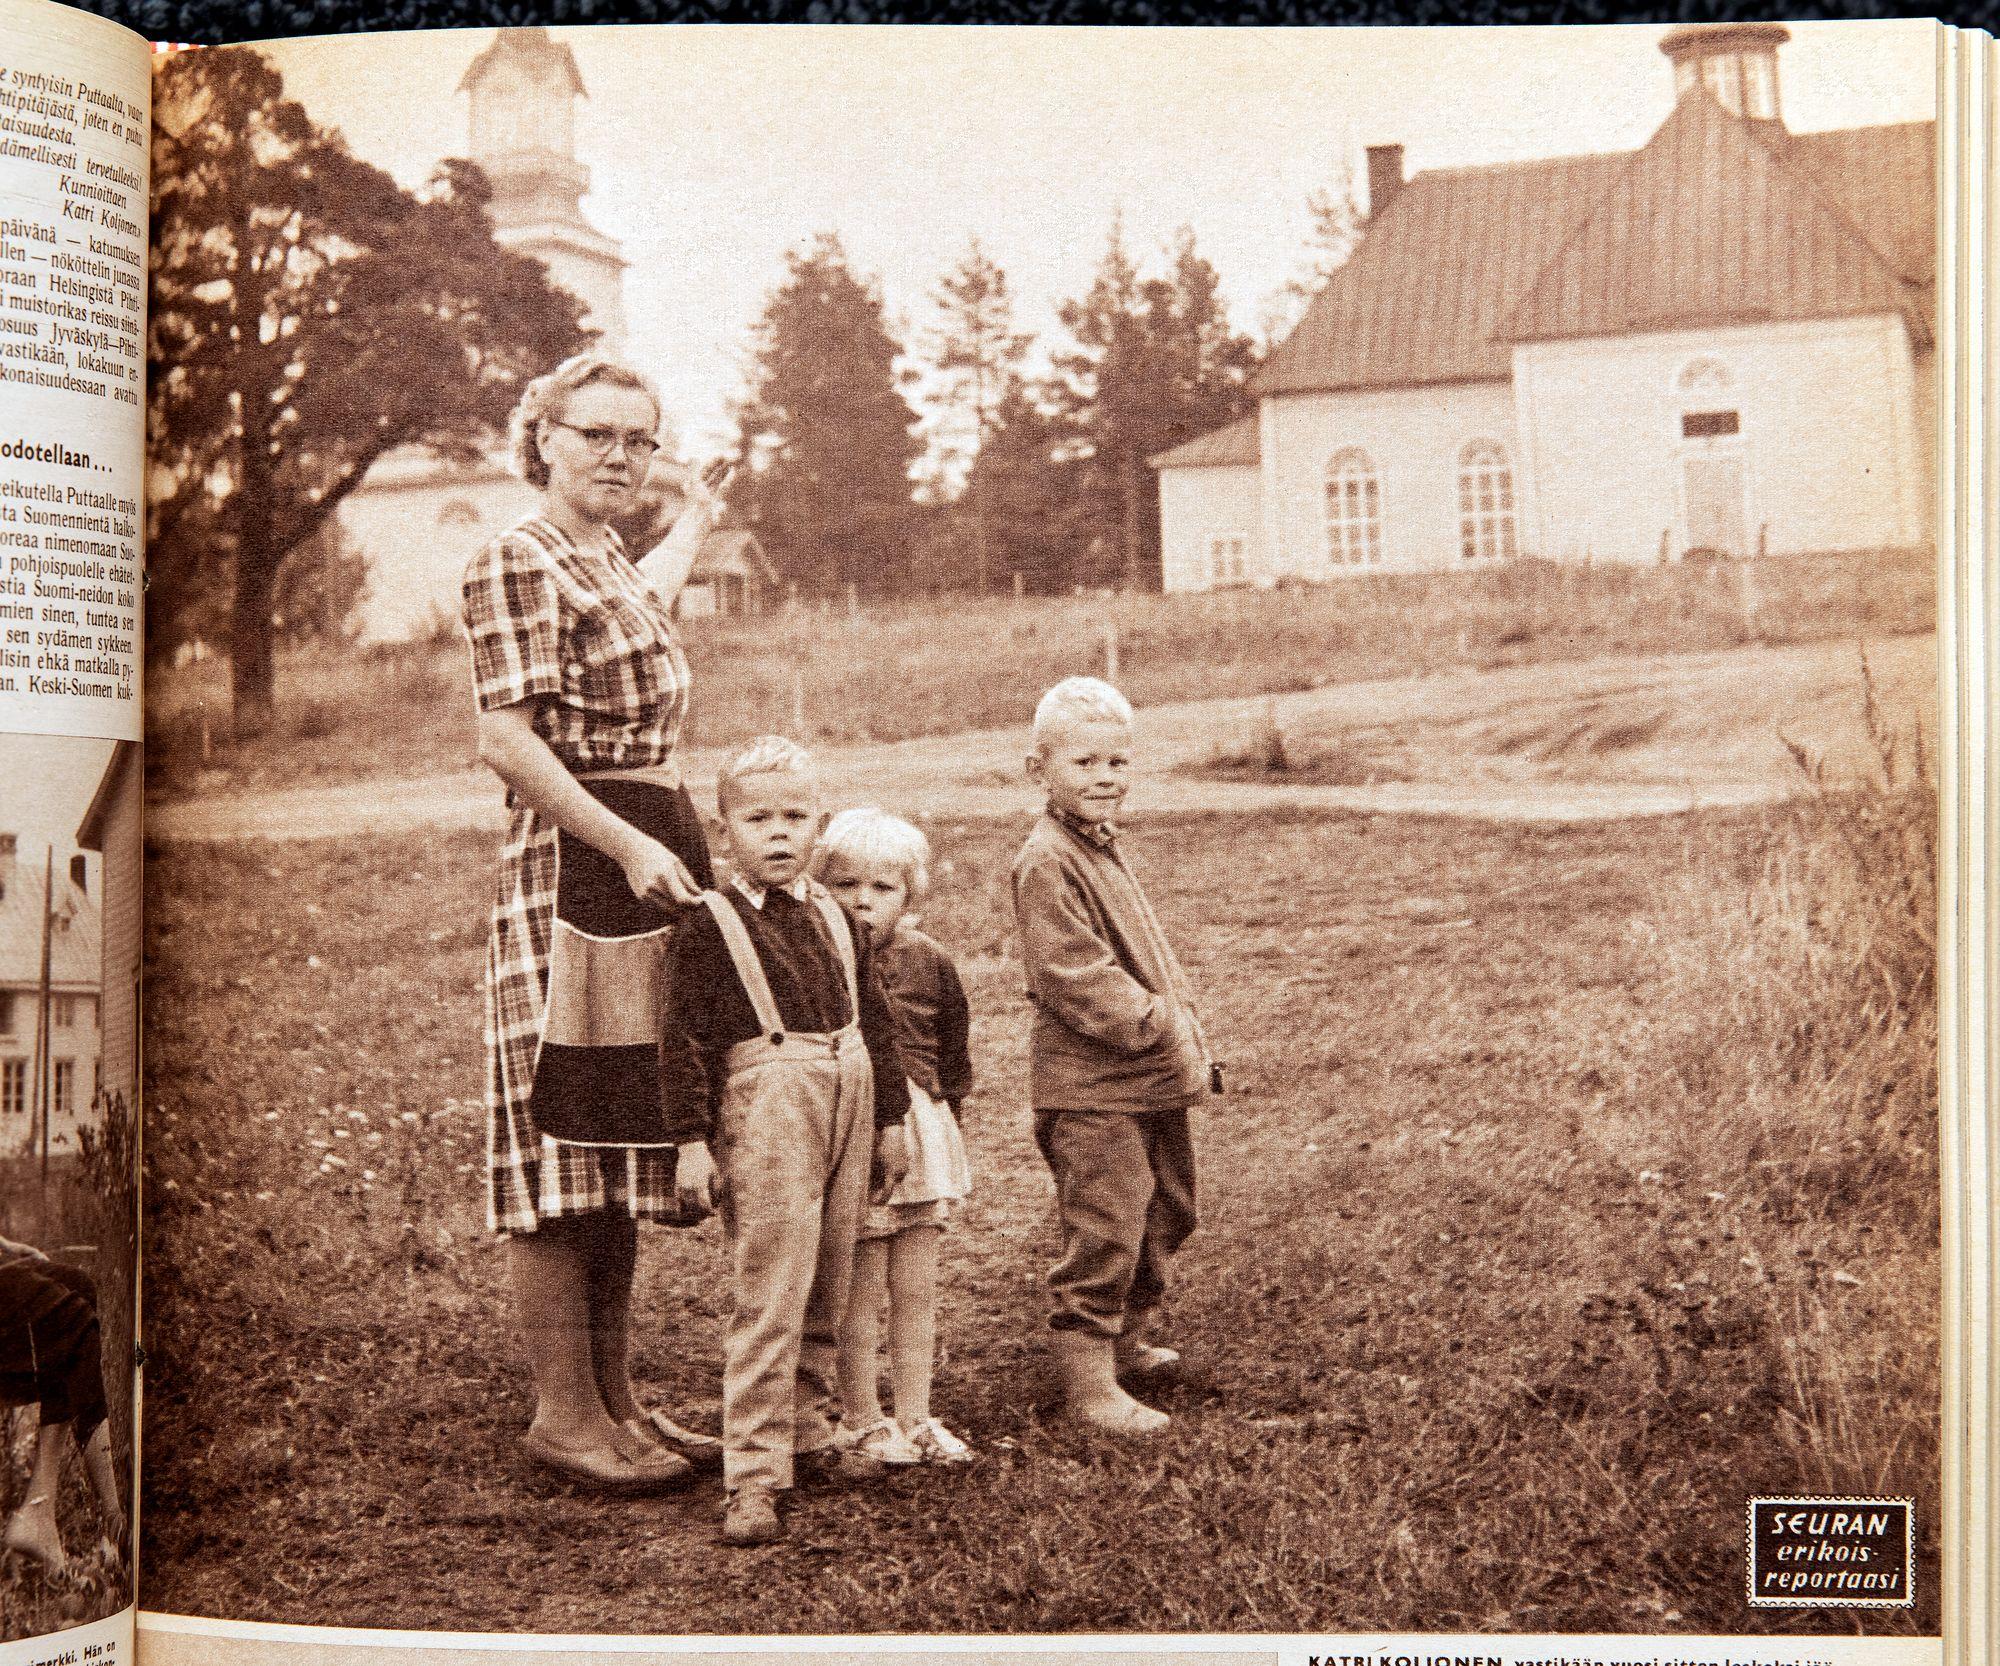 Katri Koljonen sai Seuran tekemään positiivisen jutun takapajuisena pidetystä Pihtiputaasta. Hänet kuvattiin lapsineen kirkon edessä. © Otavamedia / arkisto